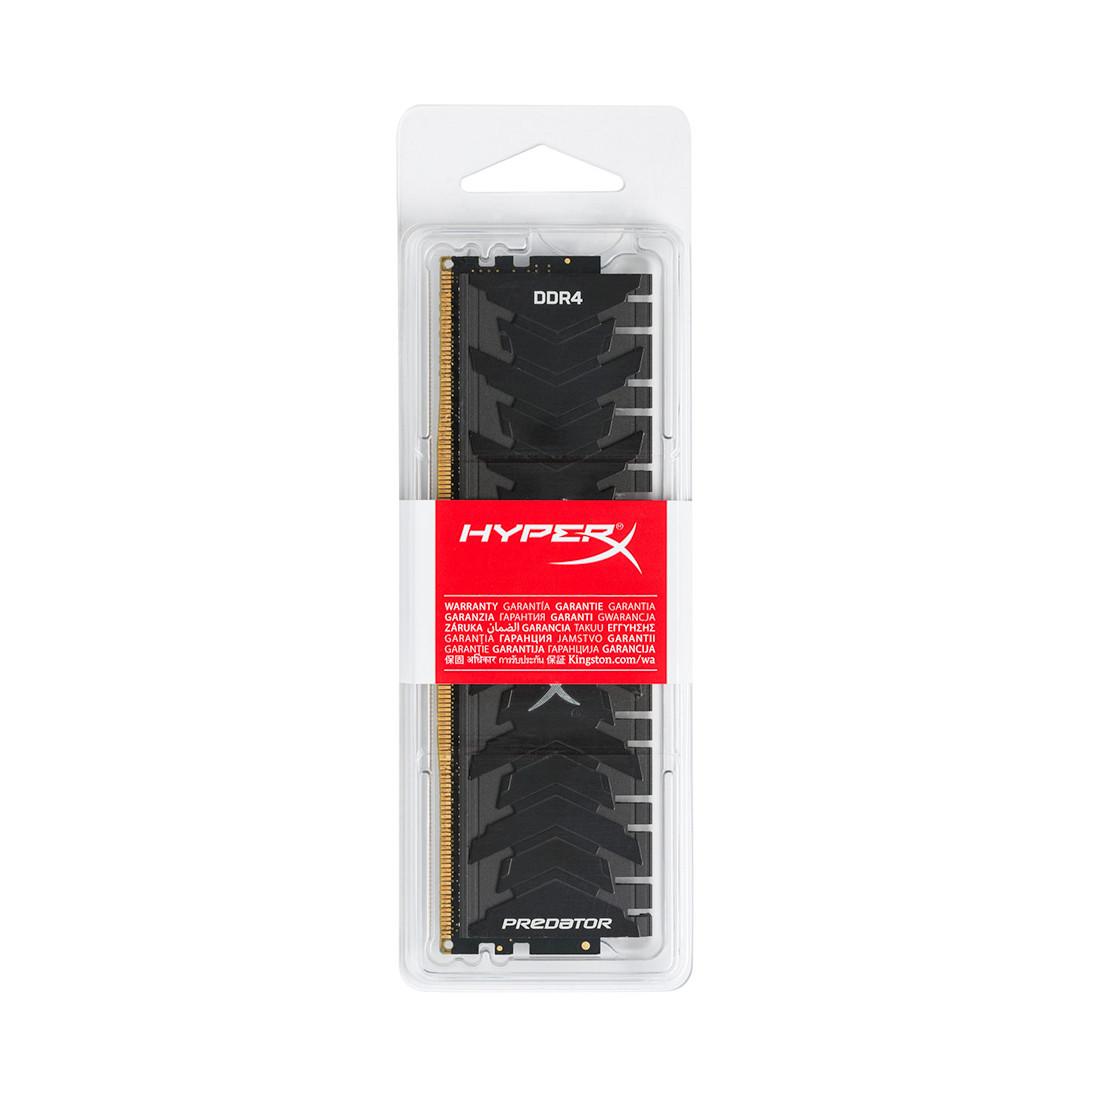 Модуль памяти Kingston HyperX Predator HX430C15PB3/16 (DDR4, 16GB, DIMM)